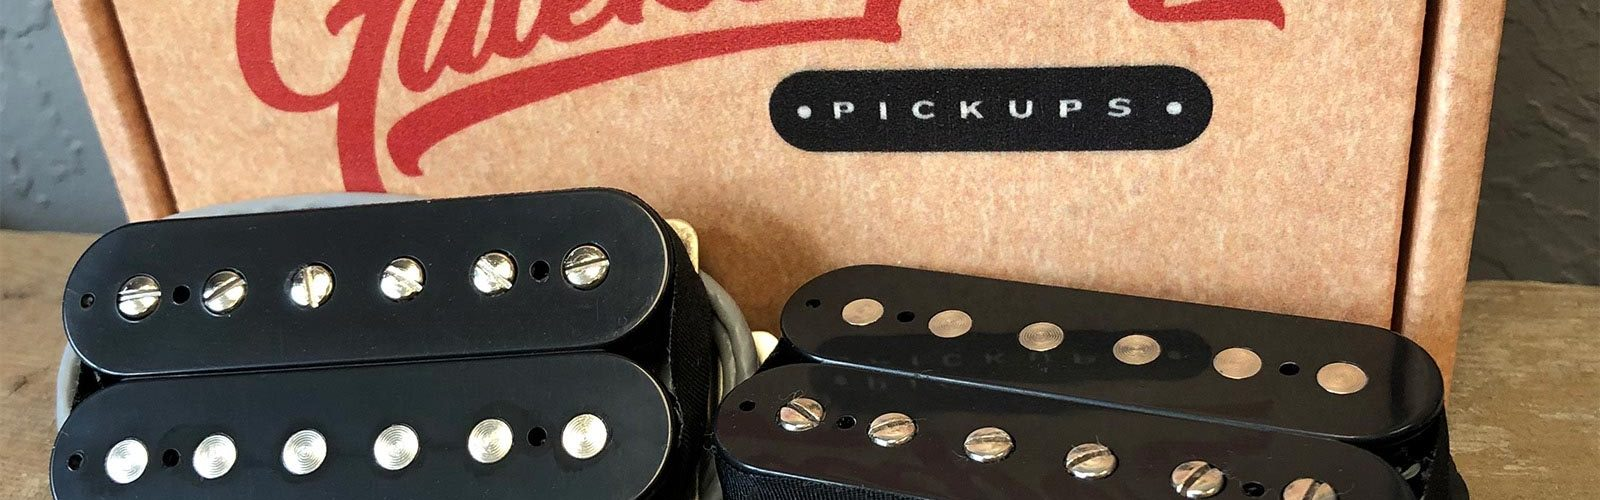 Porter Pickups Introduces Gatekeeper Line